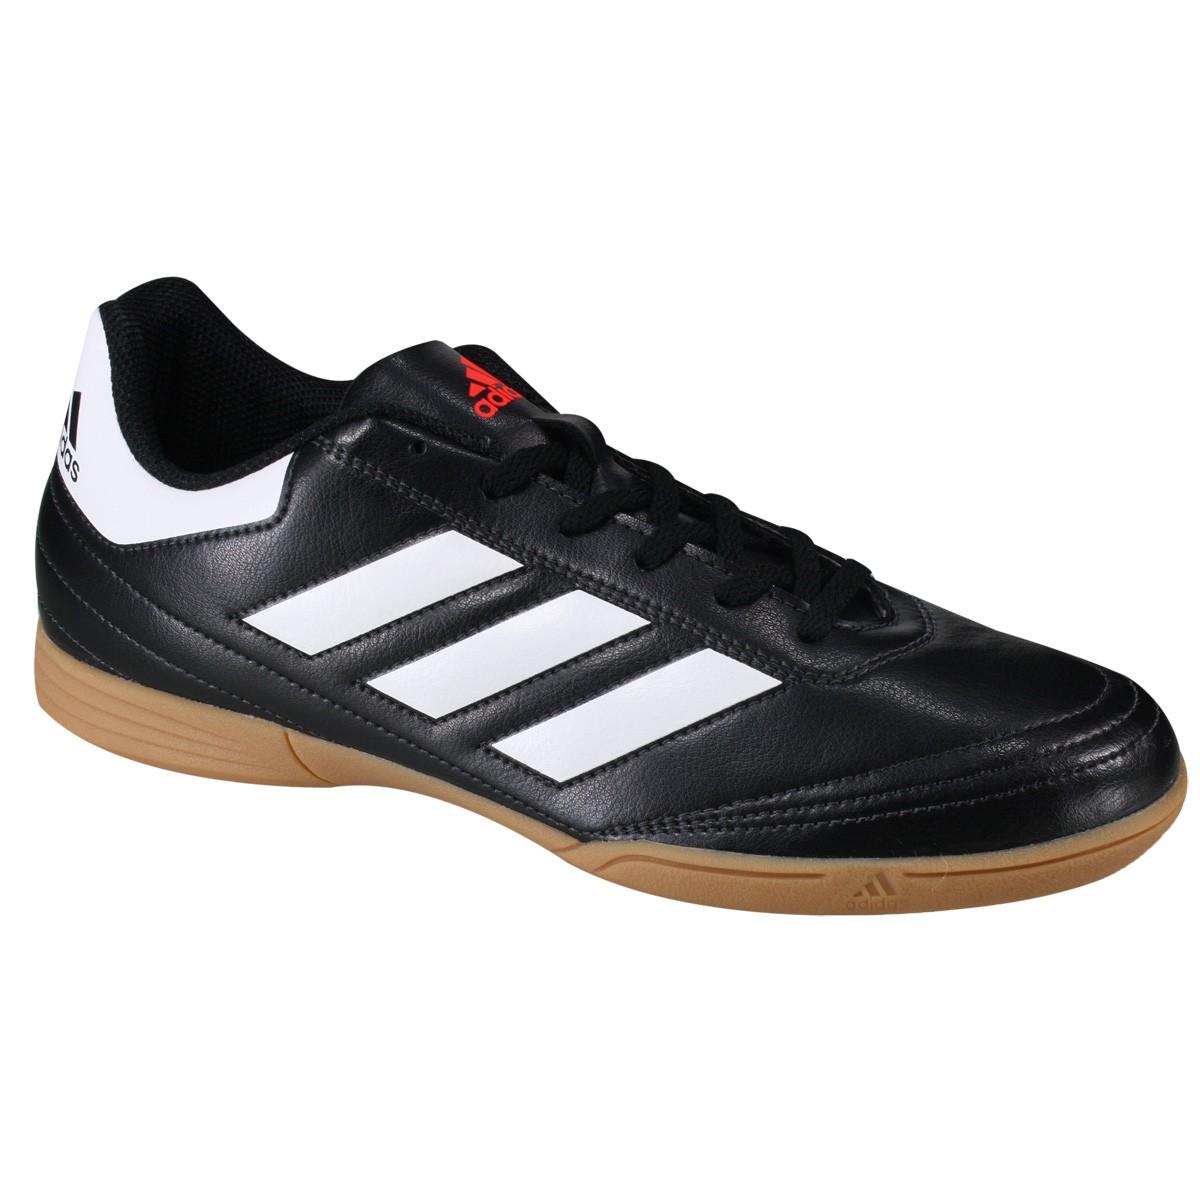 ed19499cf7aa9 Indoor Adidas Goletto VI IN AQ4289 Preto Branco